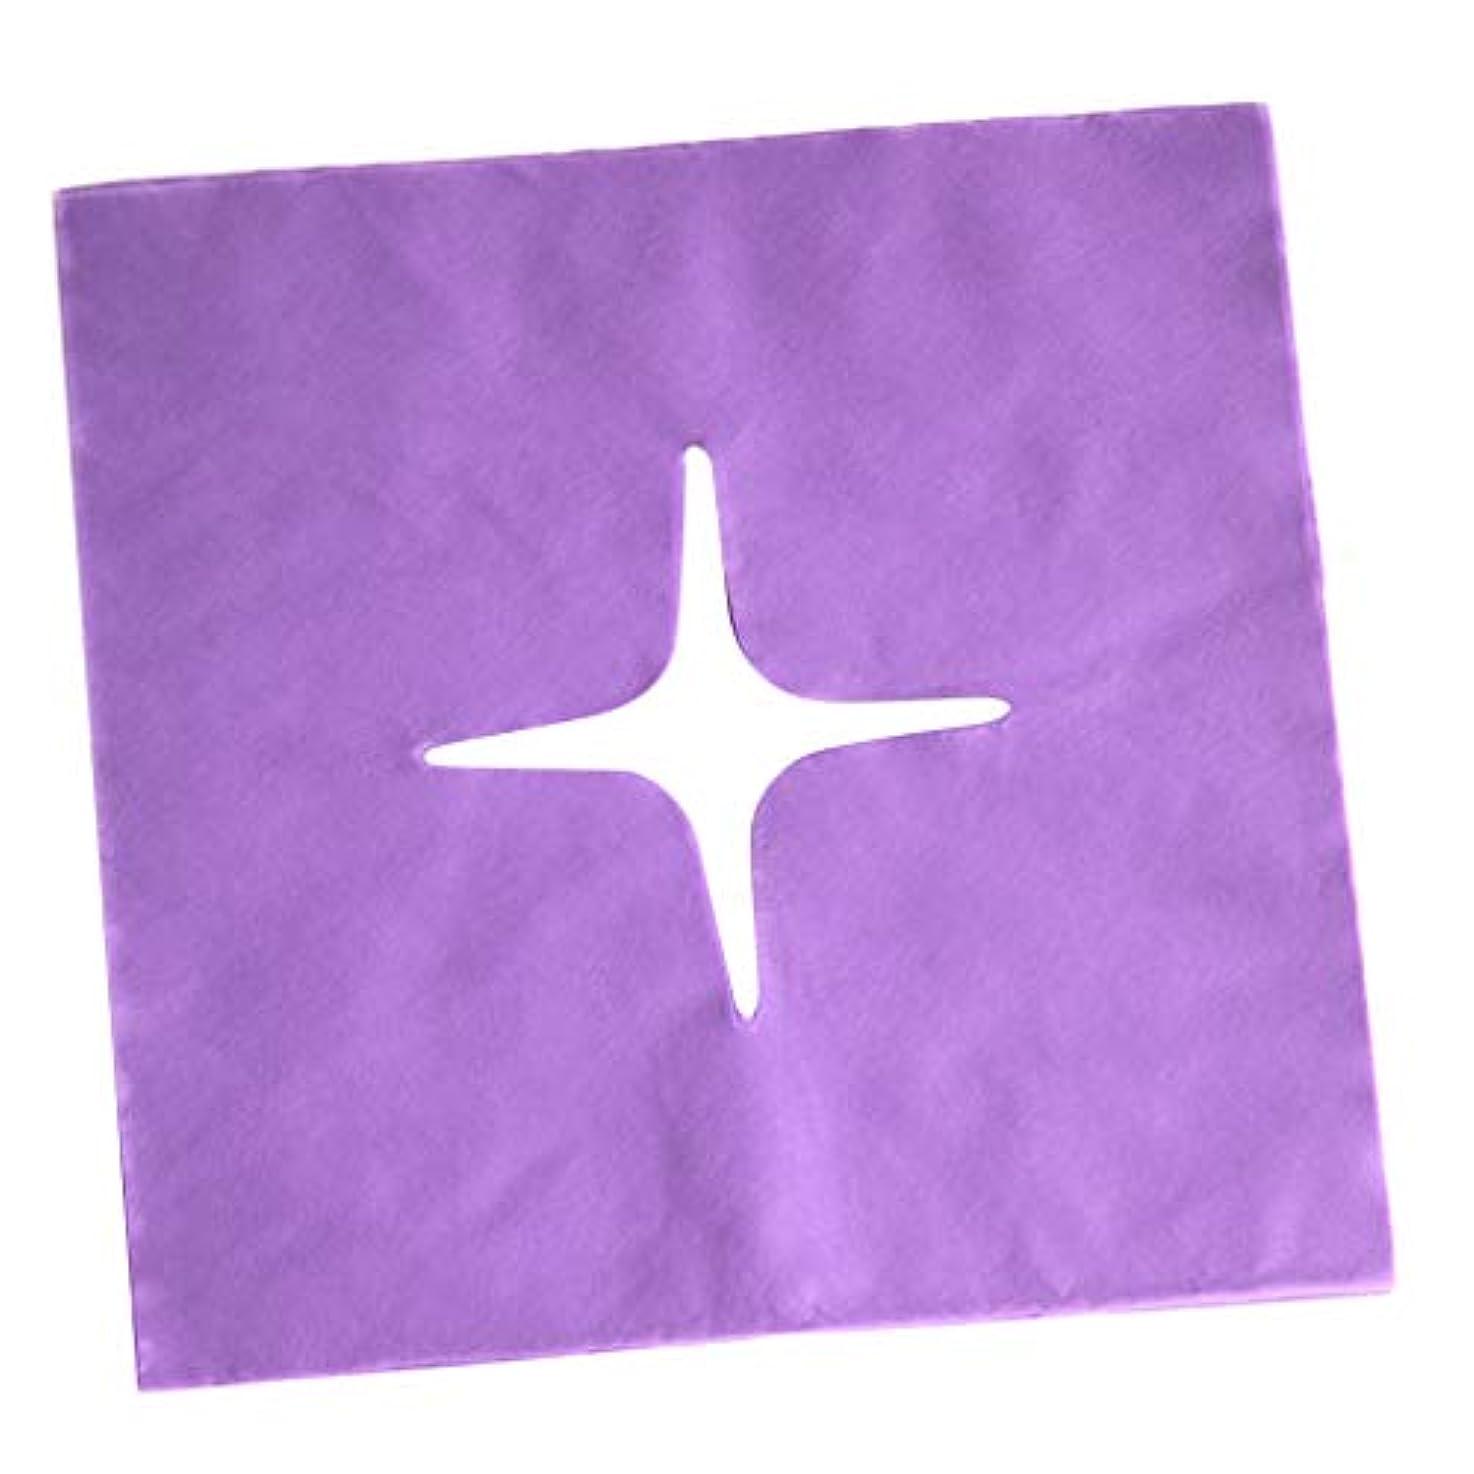 平均フェザー異常なHellery フェイスクレードルカバー マッサージフェイスカバー 使い捨て マッサージ用 美容院 サロン 全3色 - 紫の